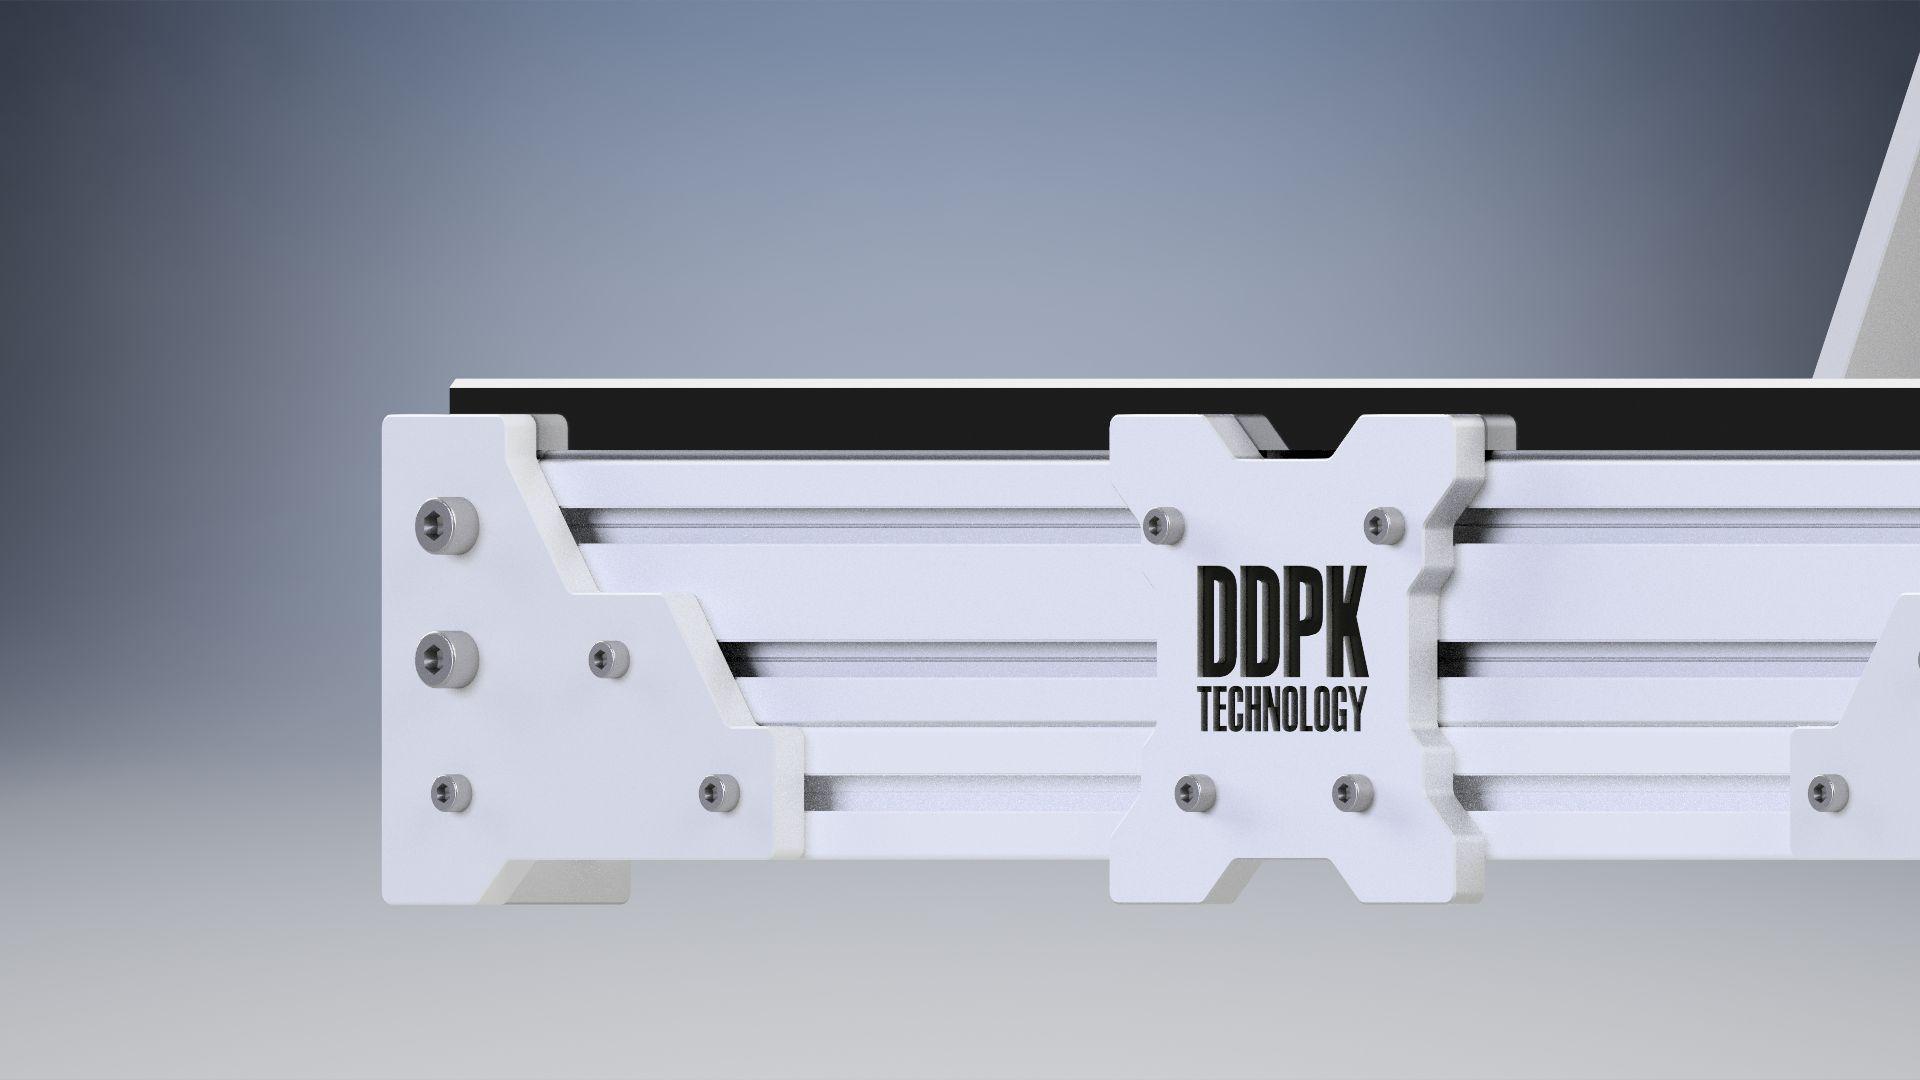 Ddpk-3500-3500